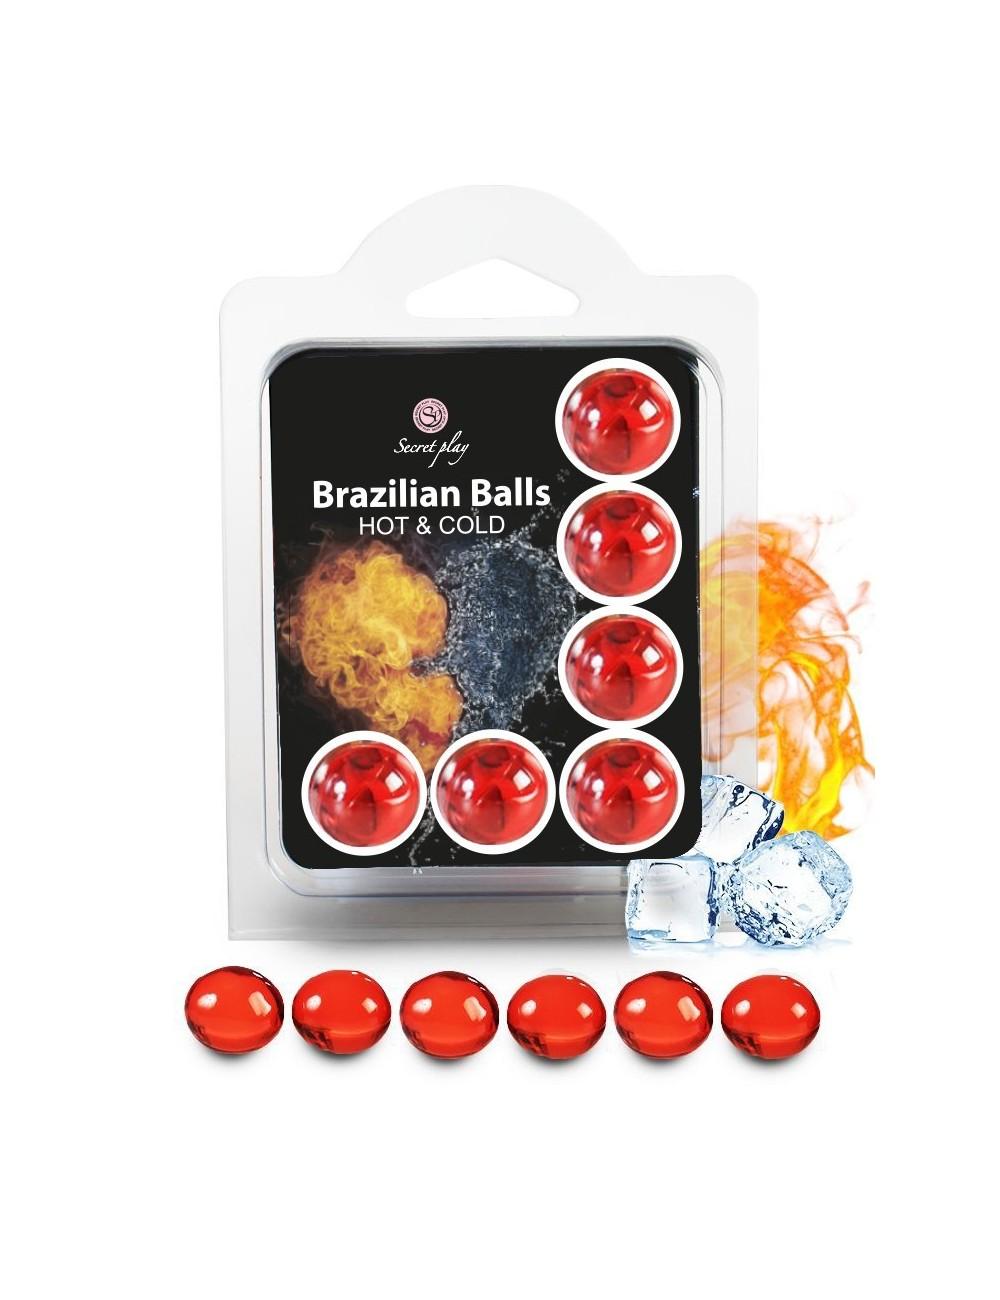 6 Brazilian Balls huile de massage effet chaud et froid 3629-1 - BZ-03753 - Huiles de massage -